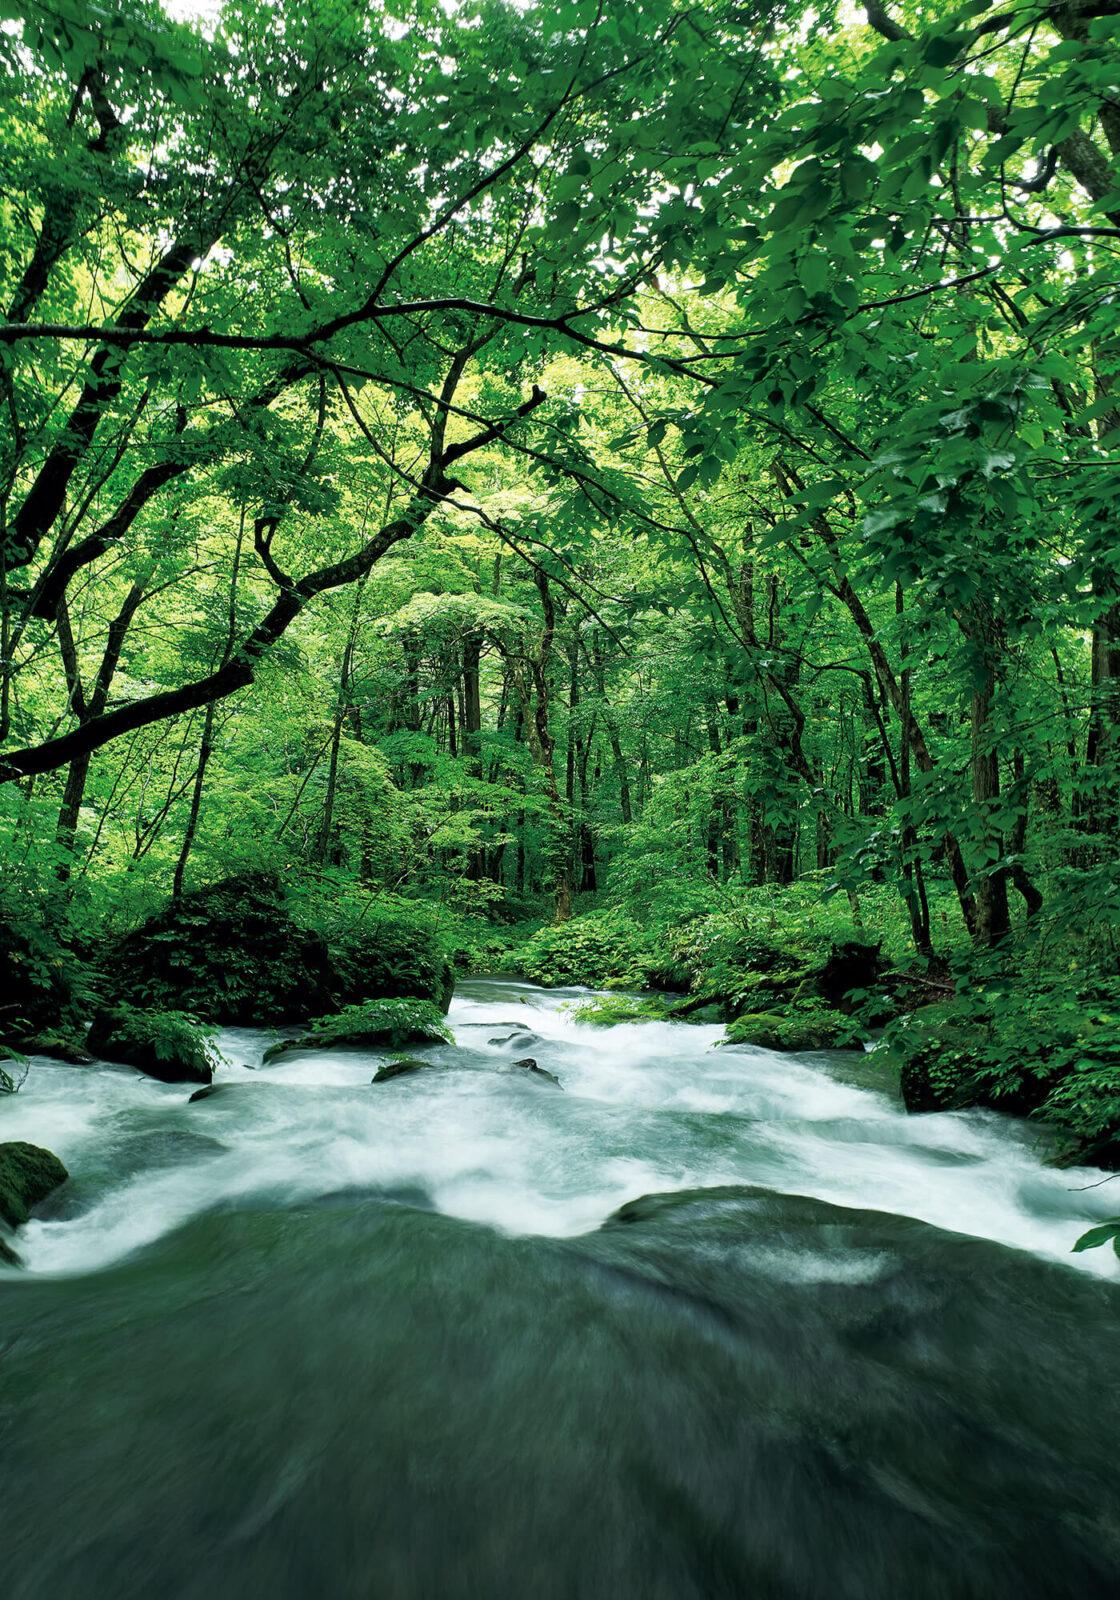 約14㎞にわたって続く奥入瀬渓流